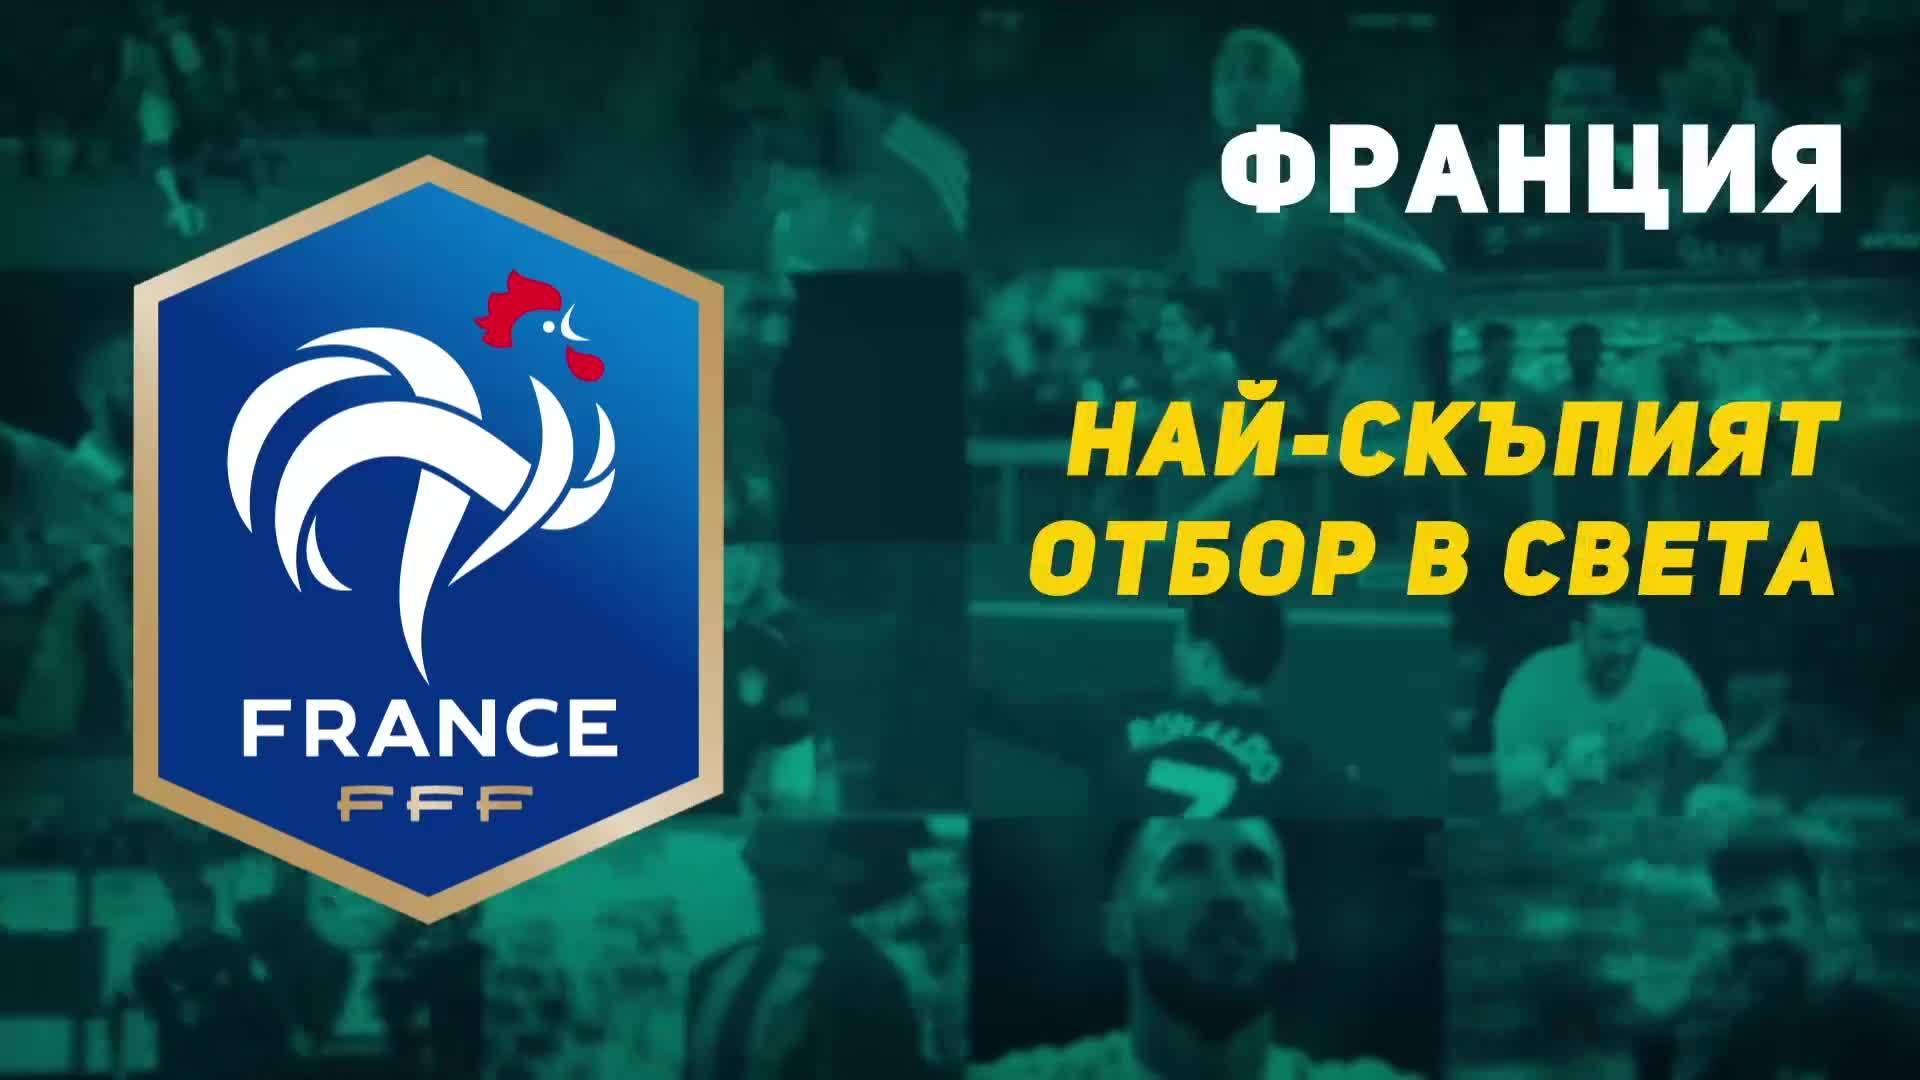 Франция – най-скъпият отбор в света